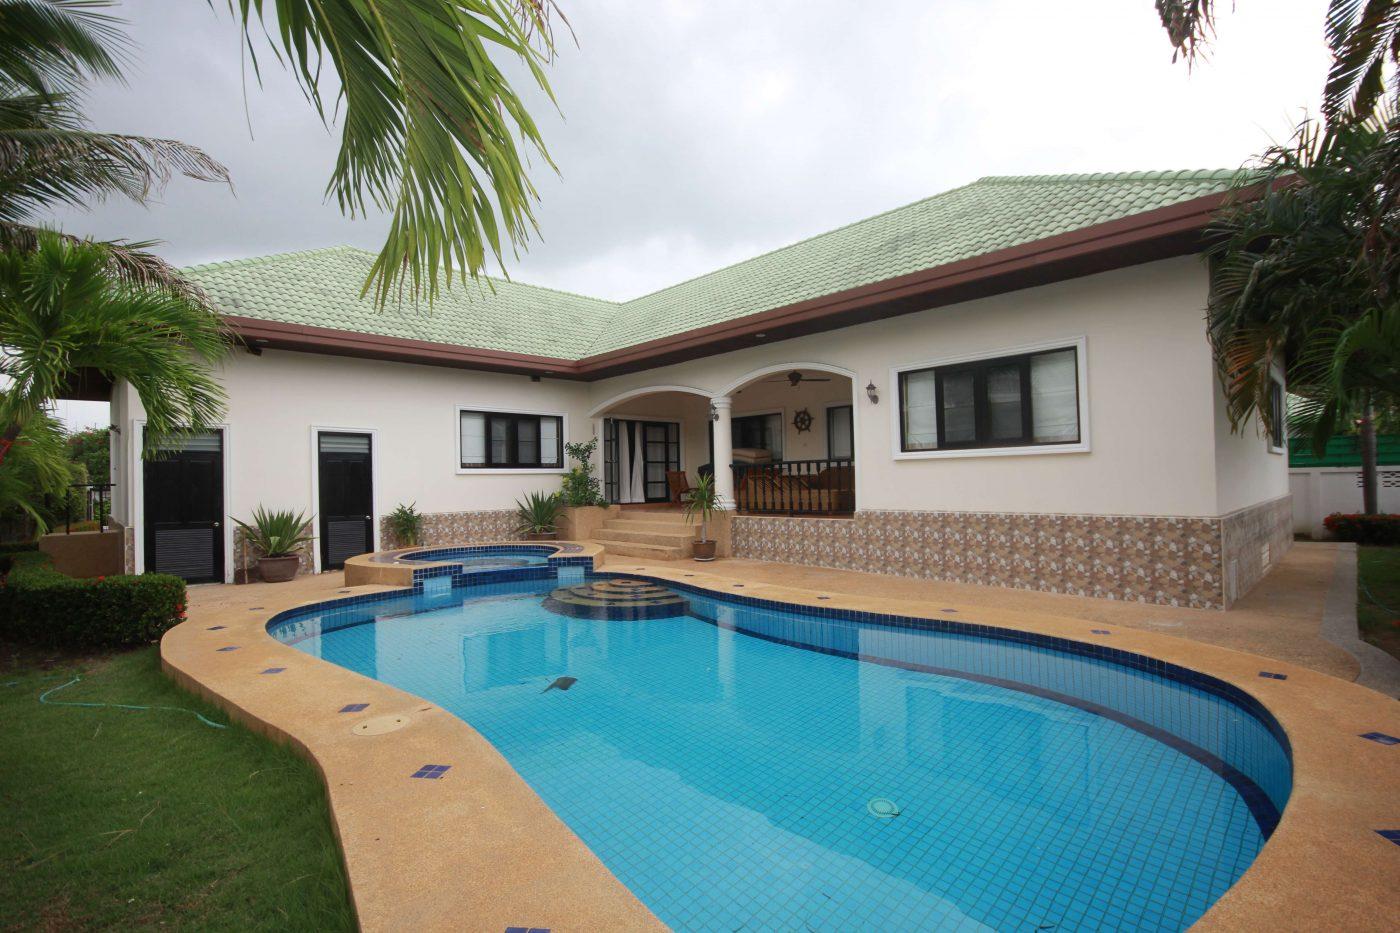 Exclusive Pool Villa For Sale at Hua Hin District, Prachuap Khiri Khan, Thailand